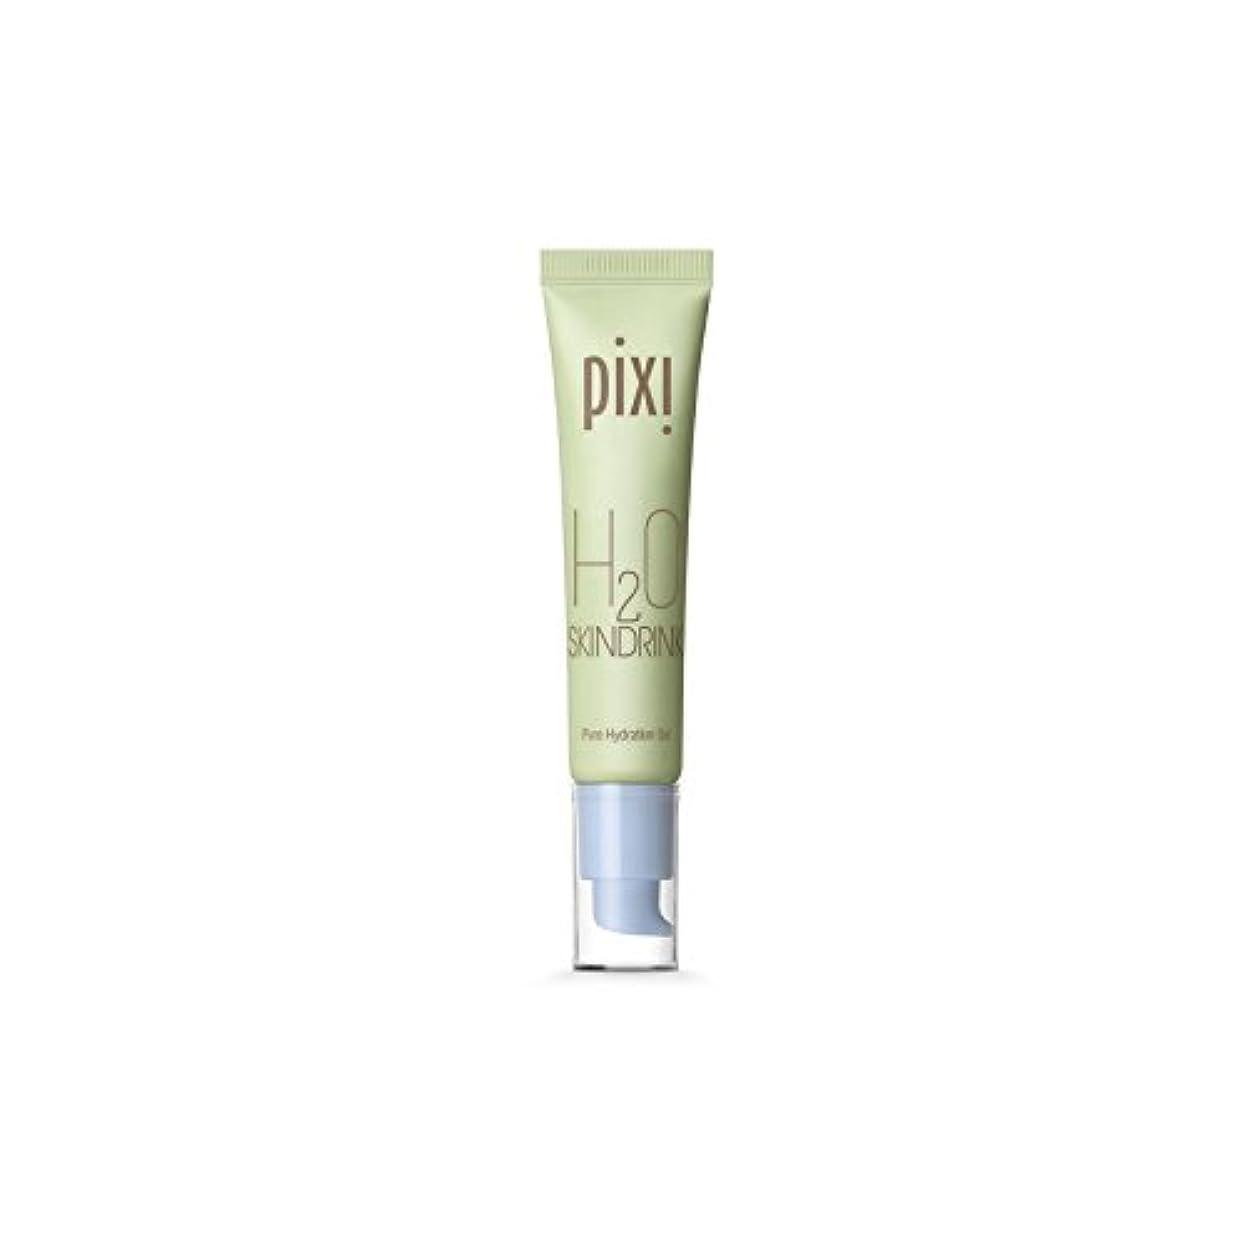 インチリボンスリラー20スキンドリンク x2 - Pixi H20 Skin Drink (Pack of 2) [並行輸入品]